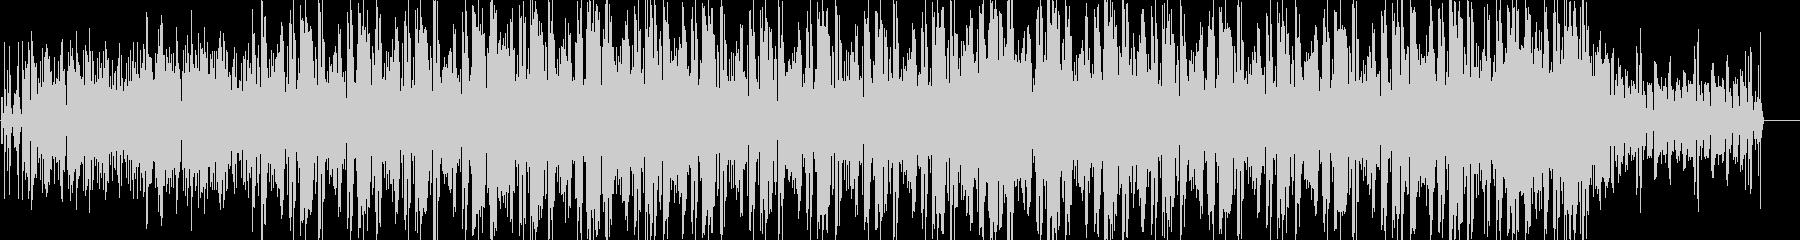 サルサ。古典的なラテンサークル和音。の未再生の波形